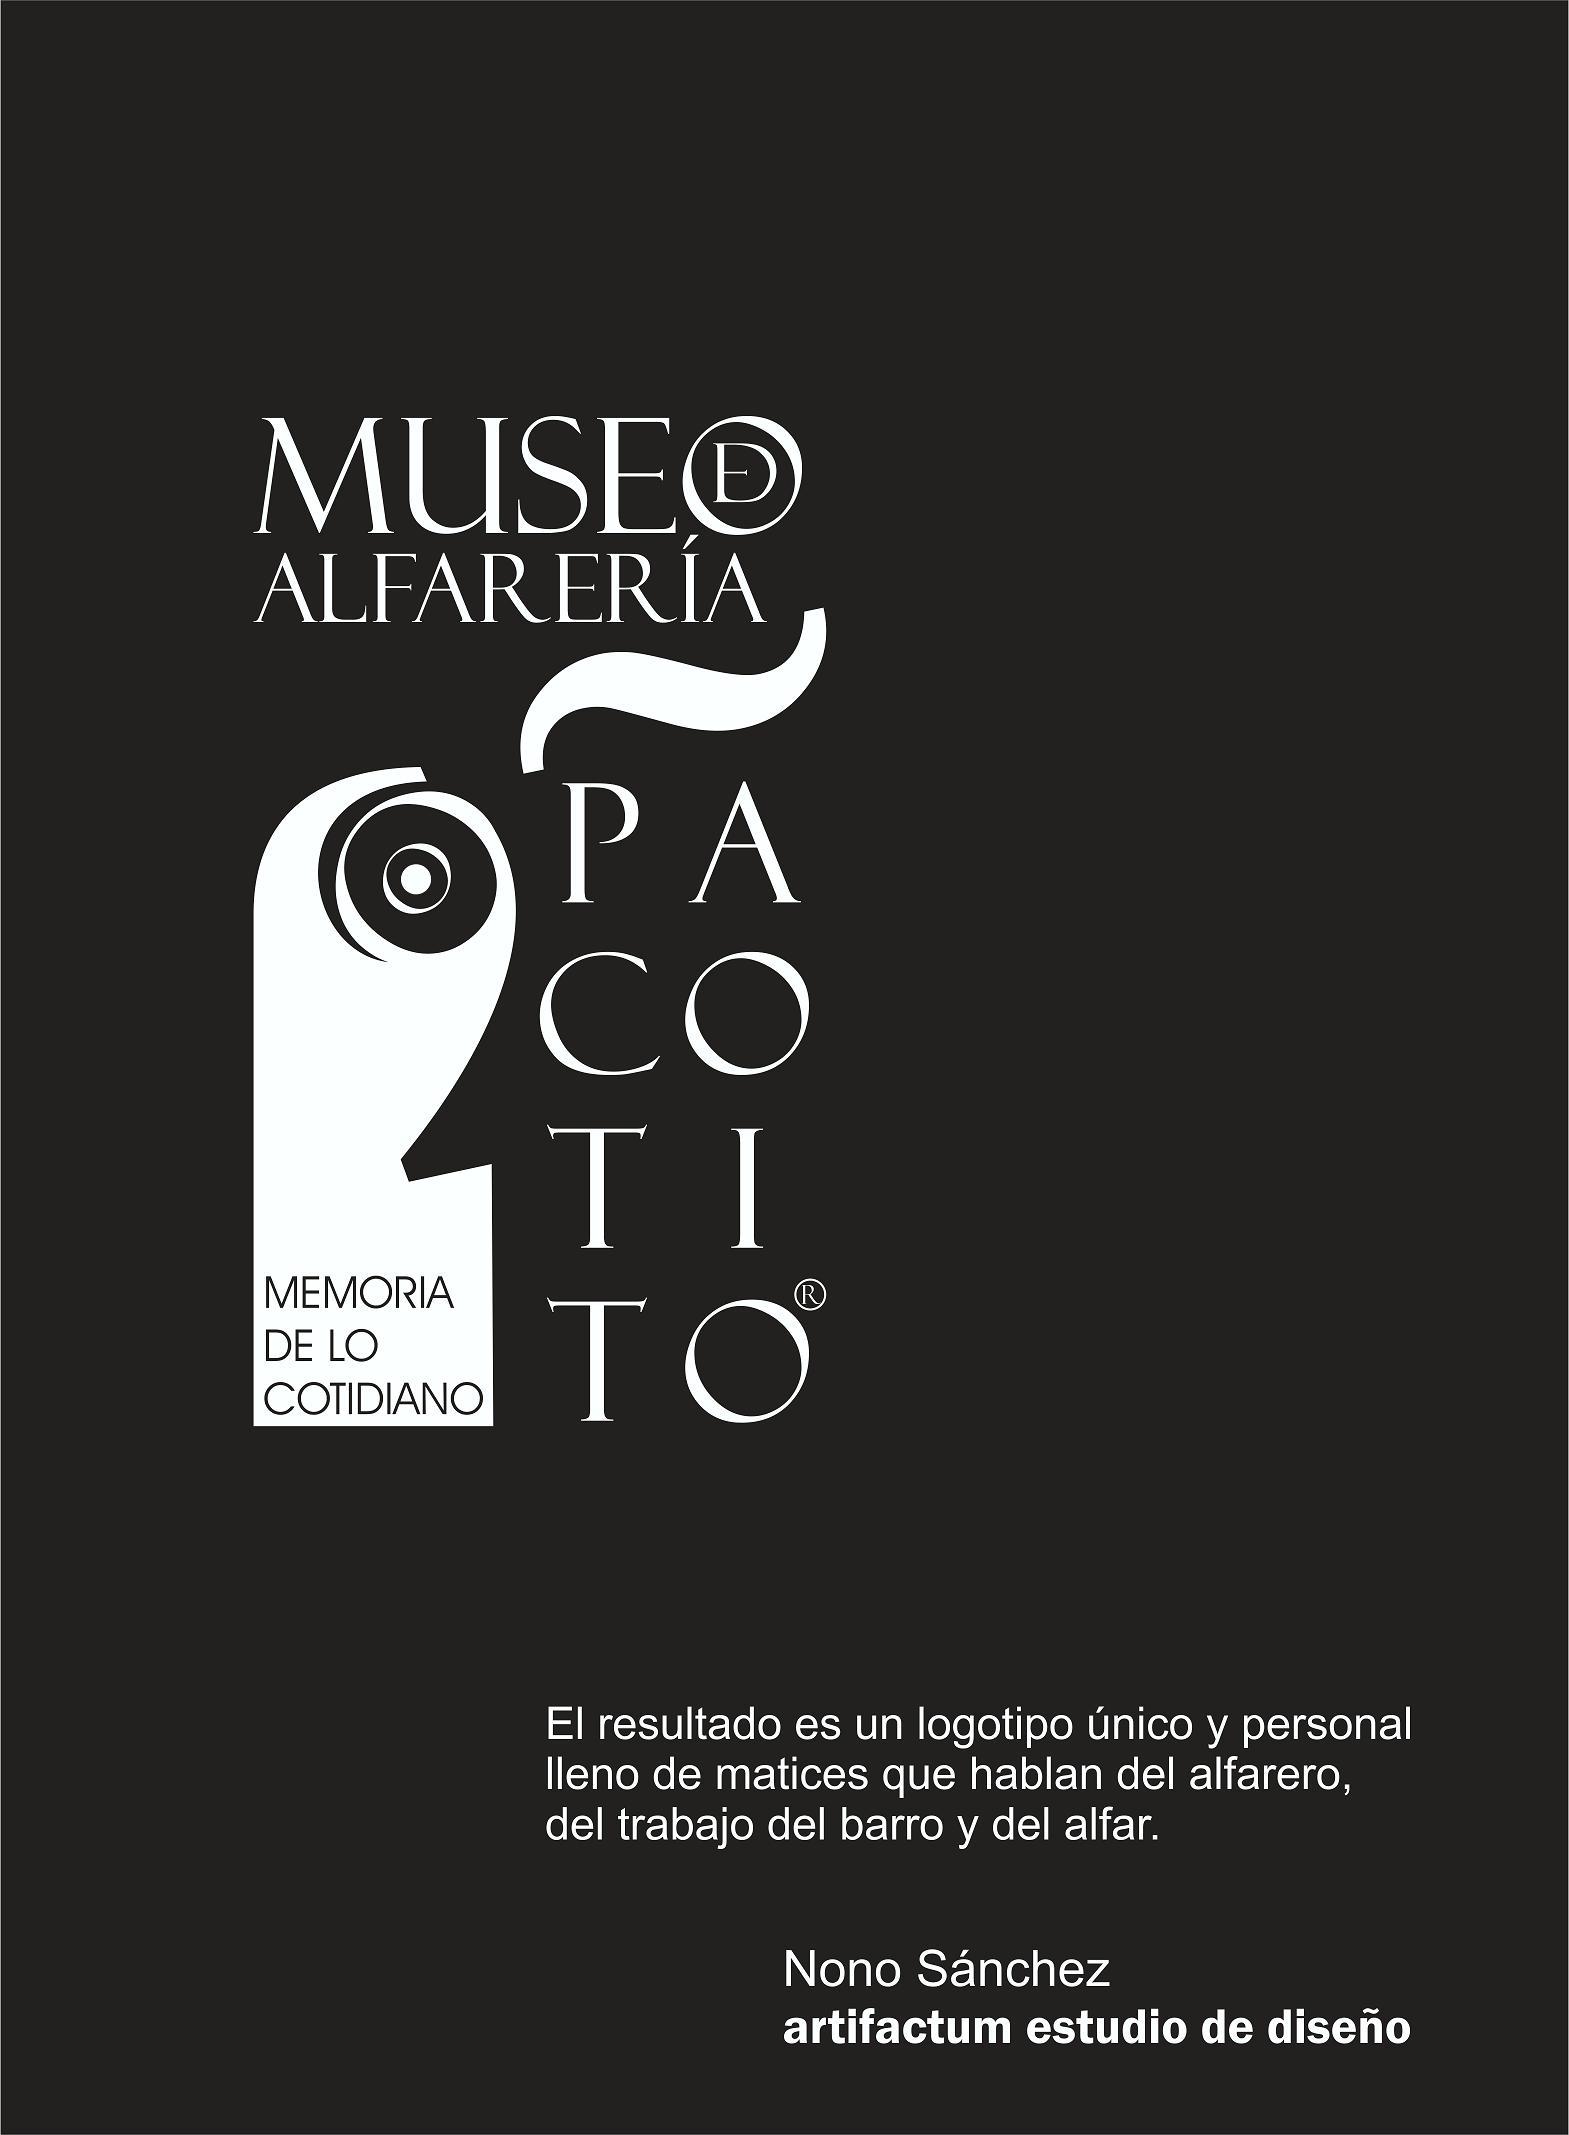 el diseño del nuevo logo del Museo de Alfarería «Memoria de lo Cotidiano» Paco Tito